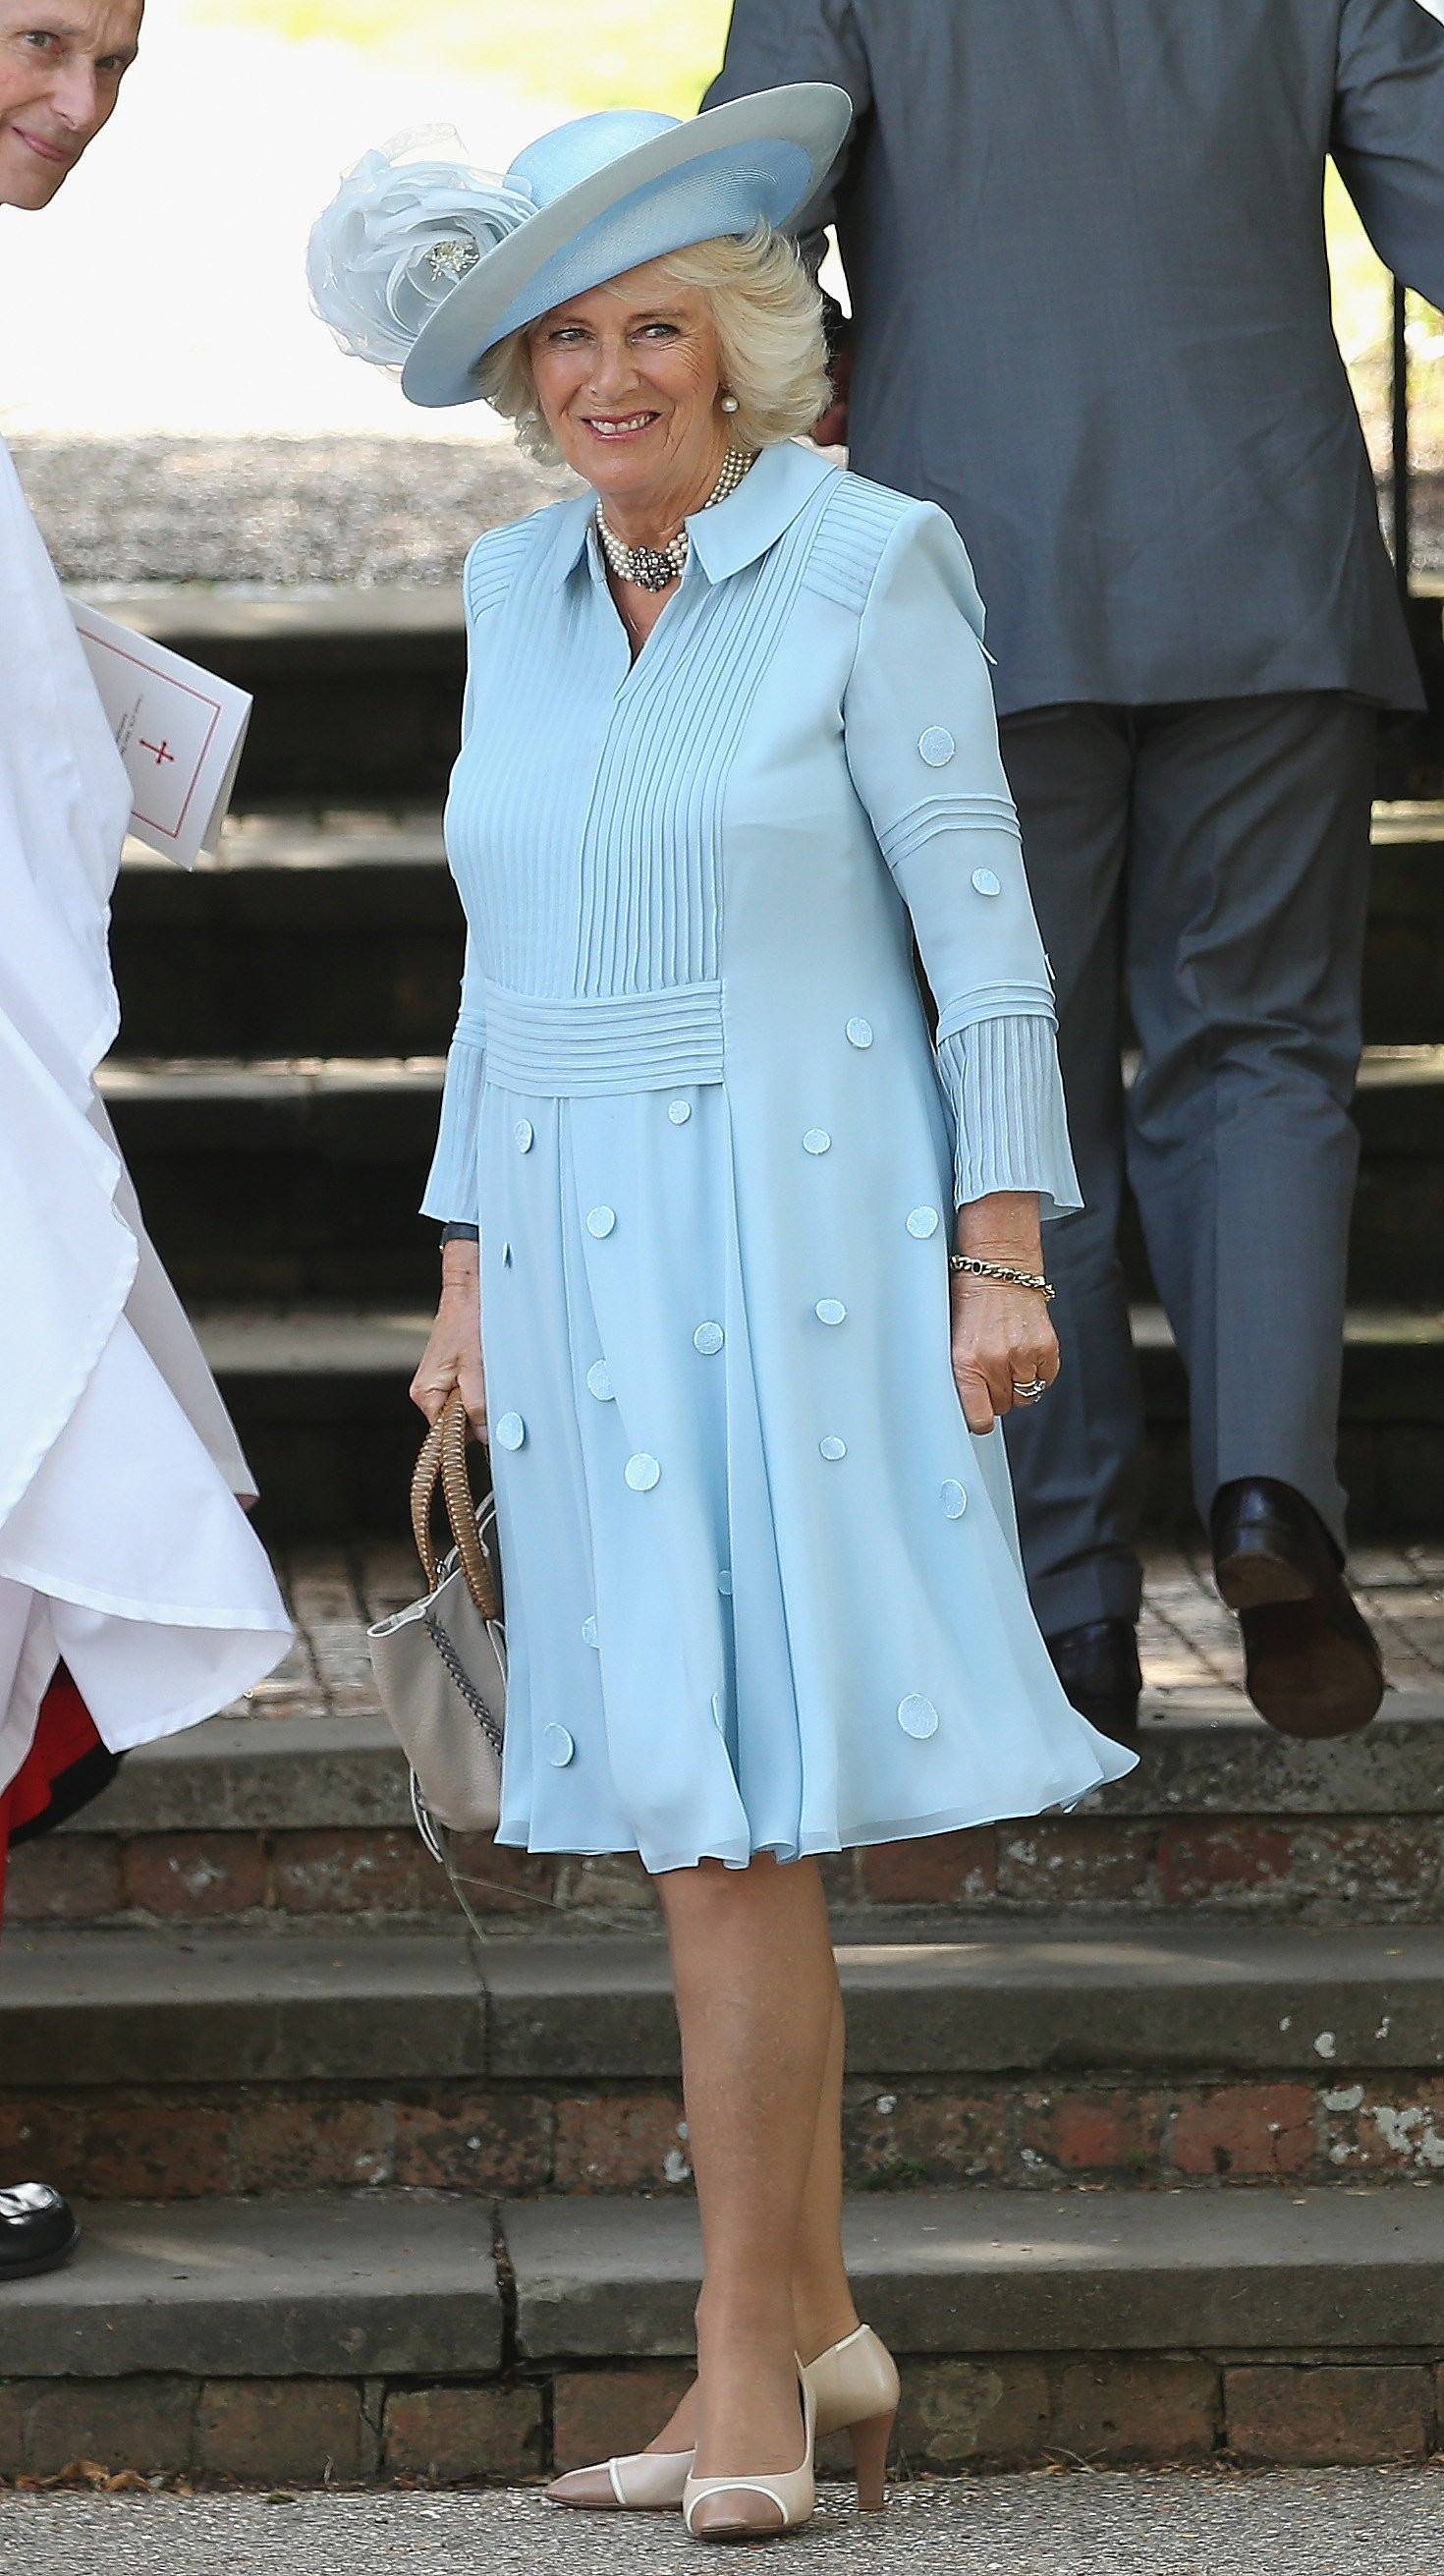 Mới làm dâu Hoàng gia chưa đầy 3 tháng, Meghan Markle đã cùng Nữ hoàng lọt top 30 nhân vật mặc đẹp nhất nước Anh  - Ảnh 4.